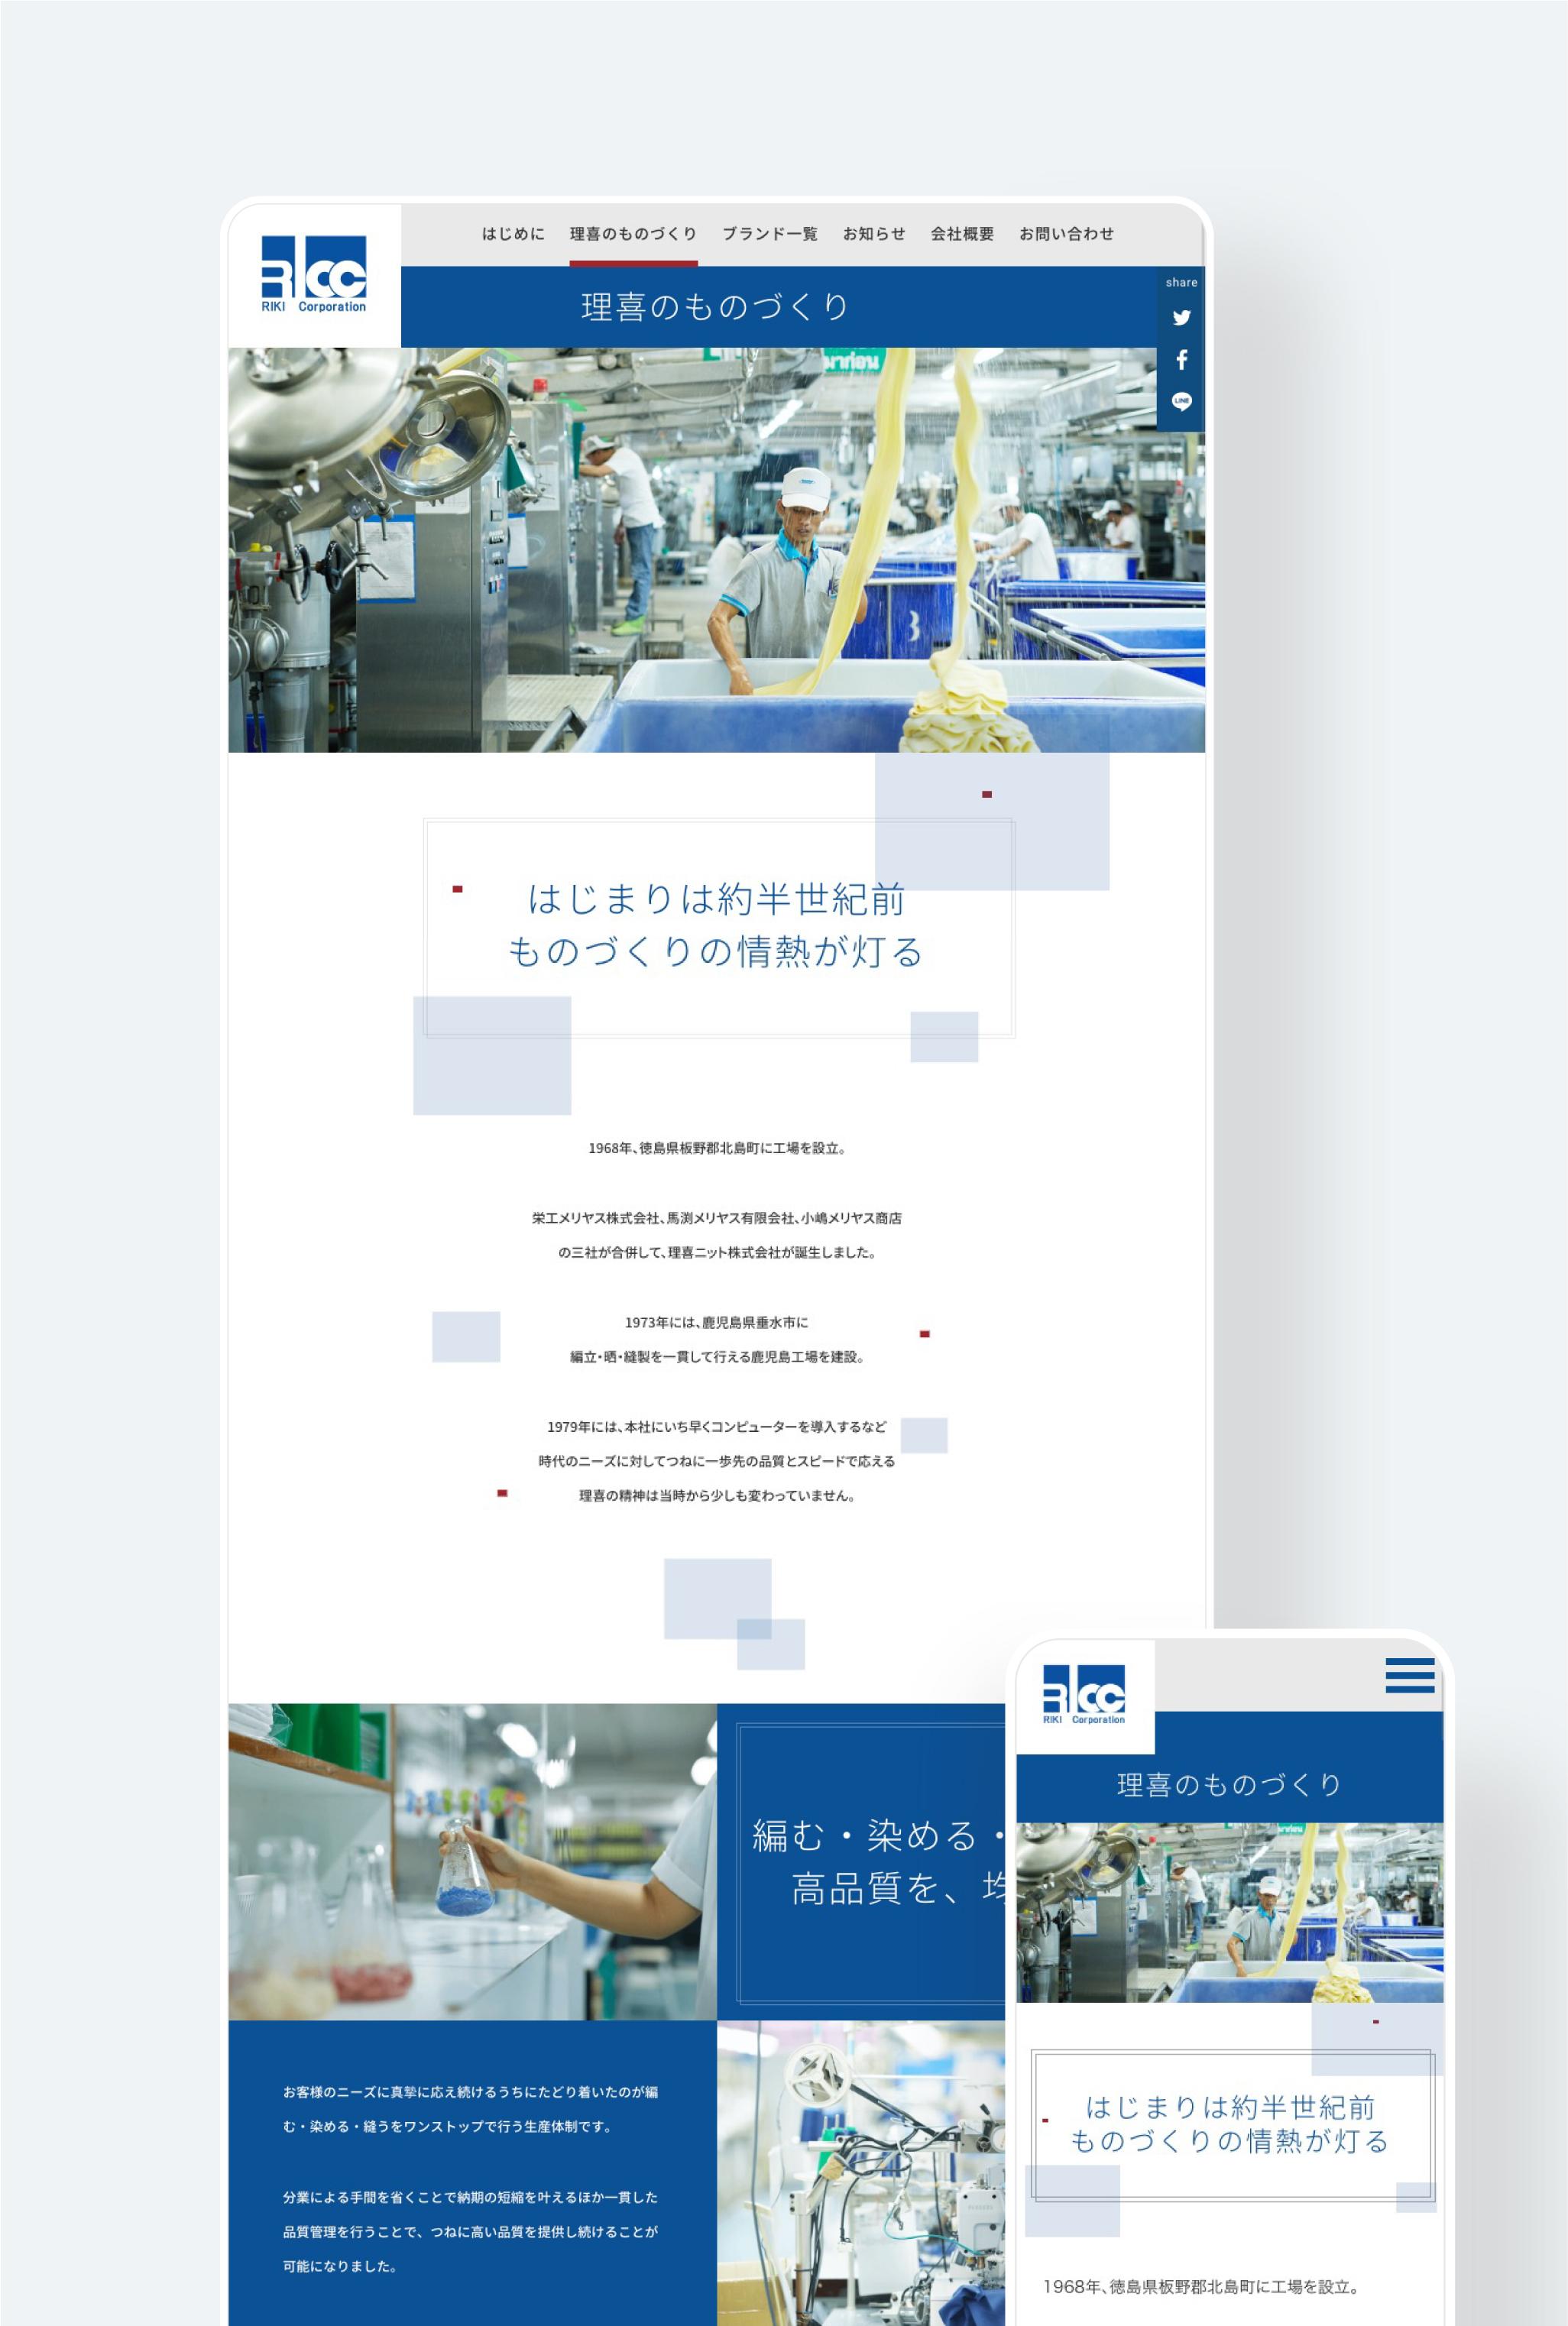 製造メーカー WEBサイト|株式会社理喜 Riki Corporation(リキ)